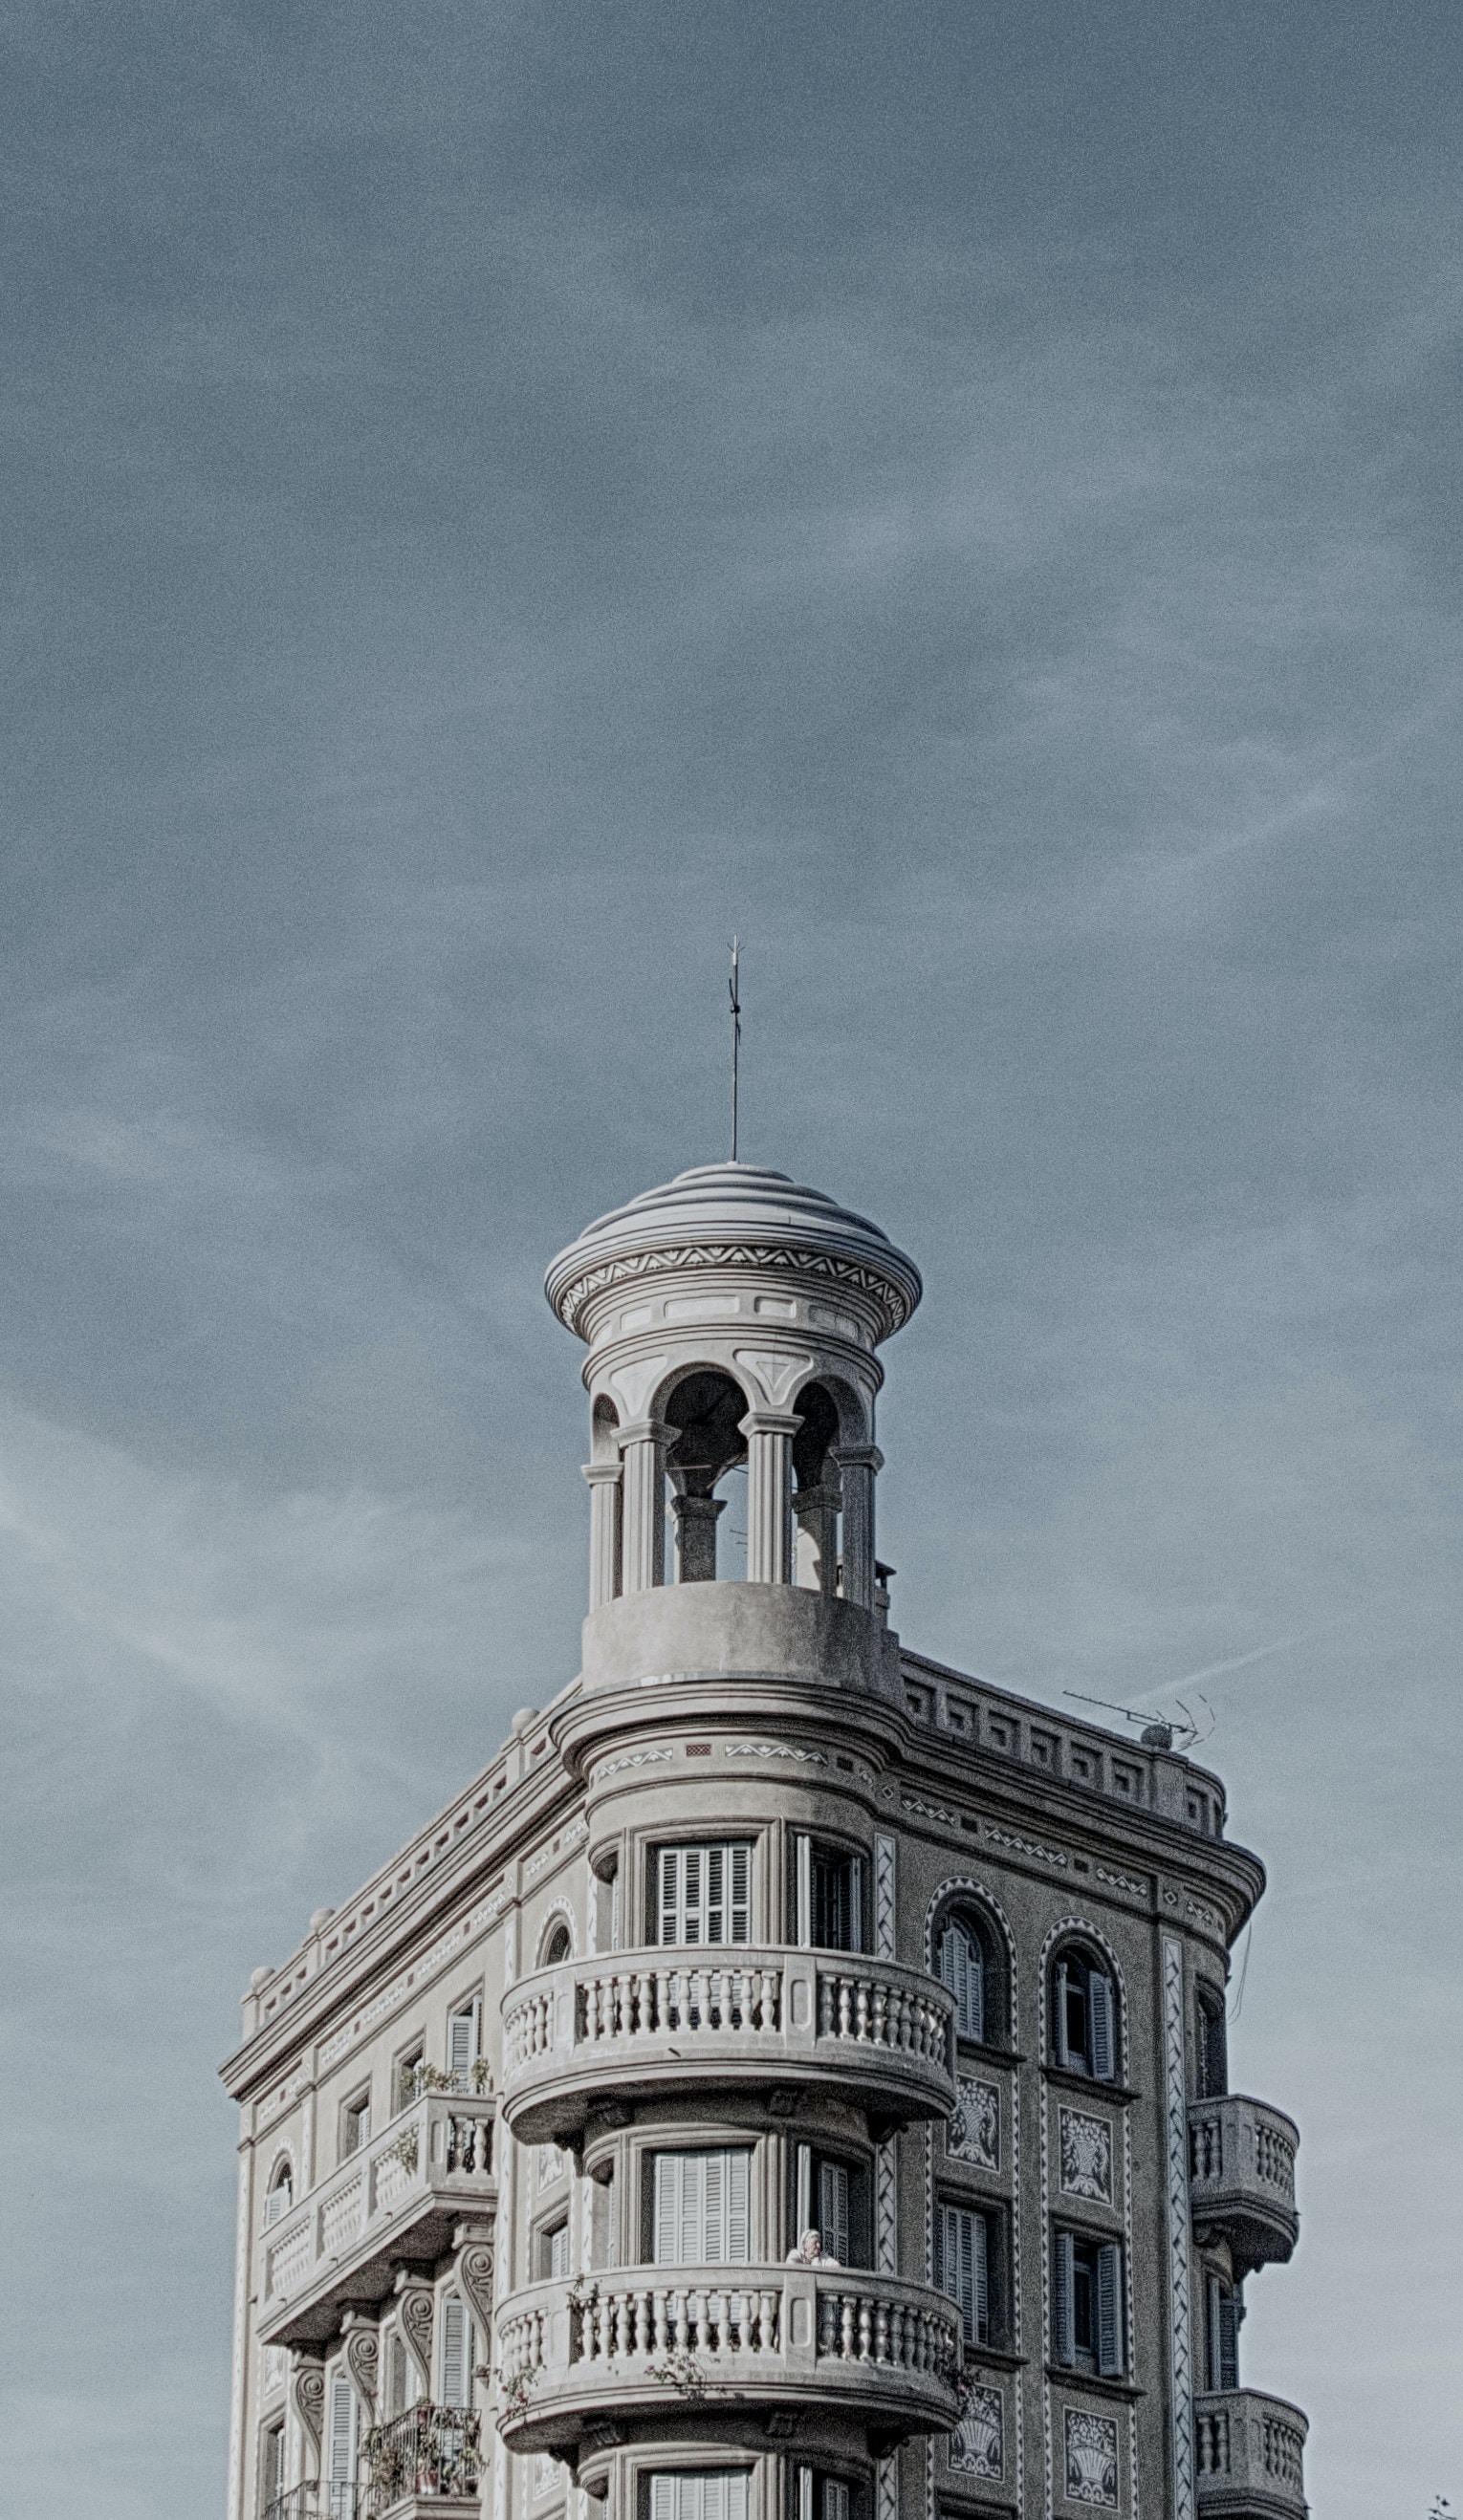 concrete building under cloudy sky